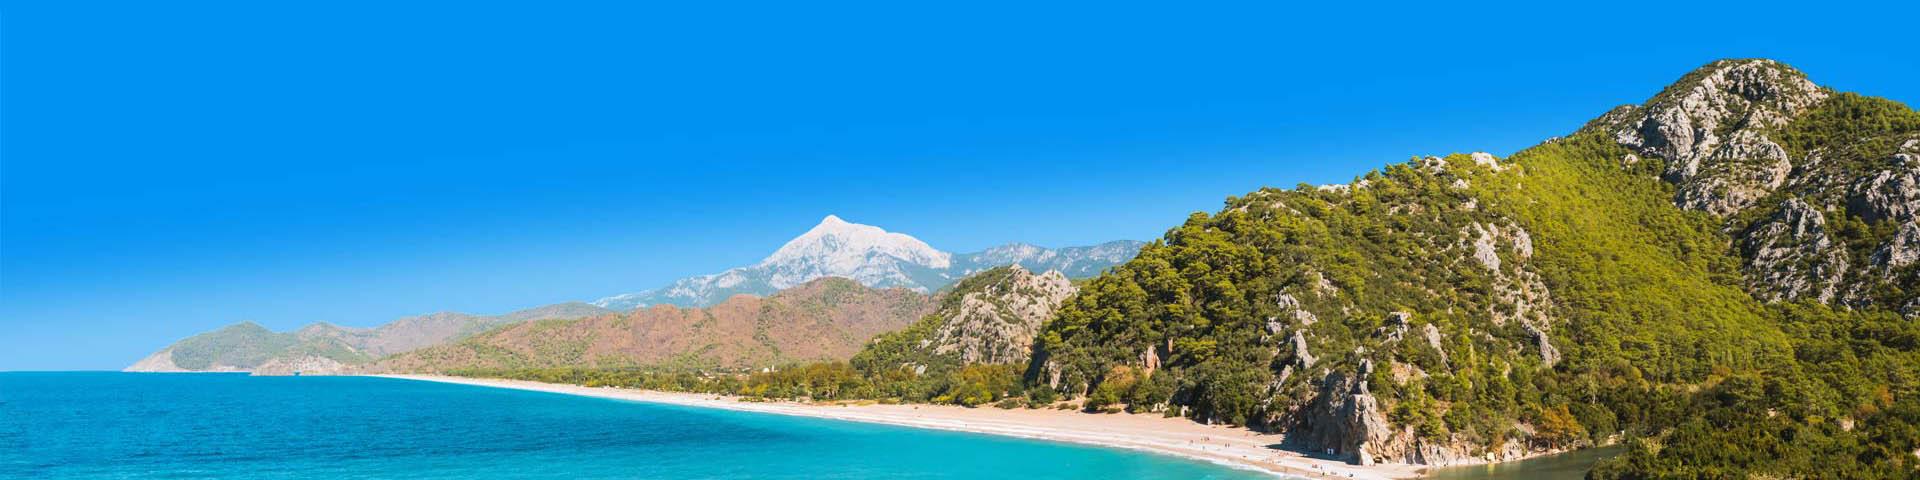 Kraakhelderblauwe zee met groene heuvelachtige rotsen aan de Lycische Kust van Turkije